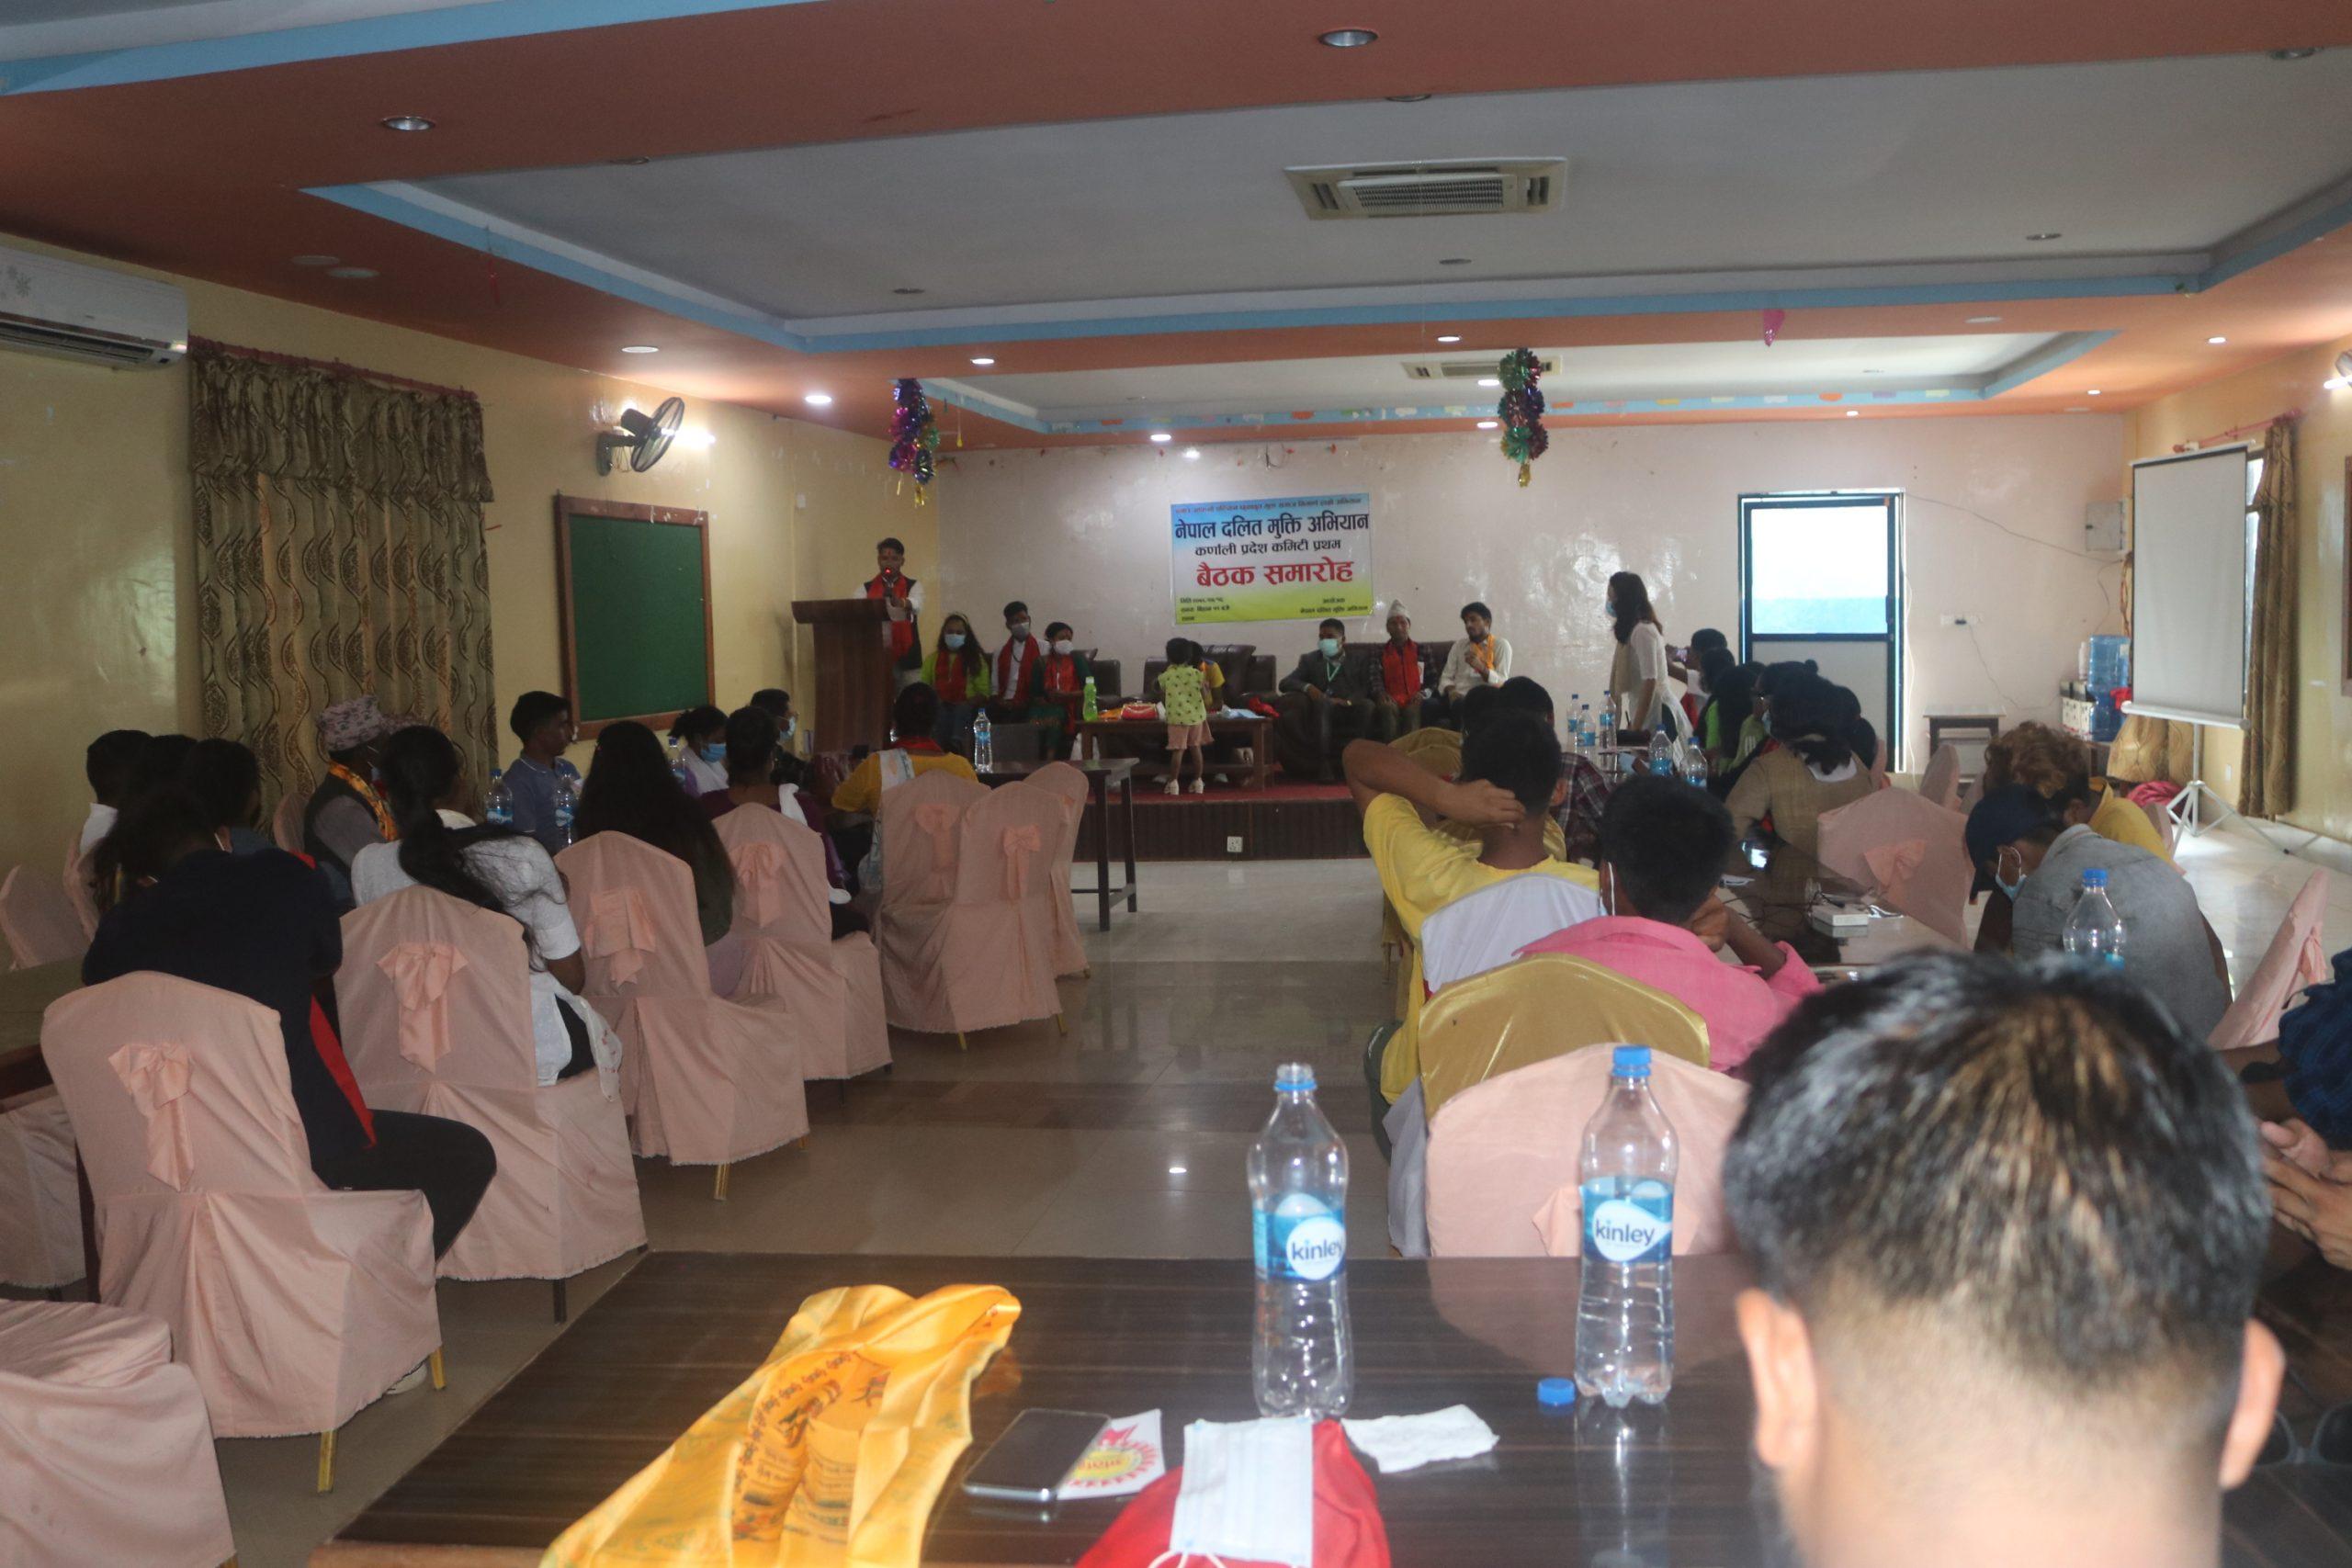 नेपाल दलित मुक्ति अभियान कर्णाली प्रदेशको प्रथम बैठक समारोह सम्पन्न